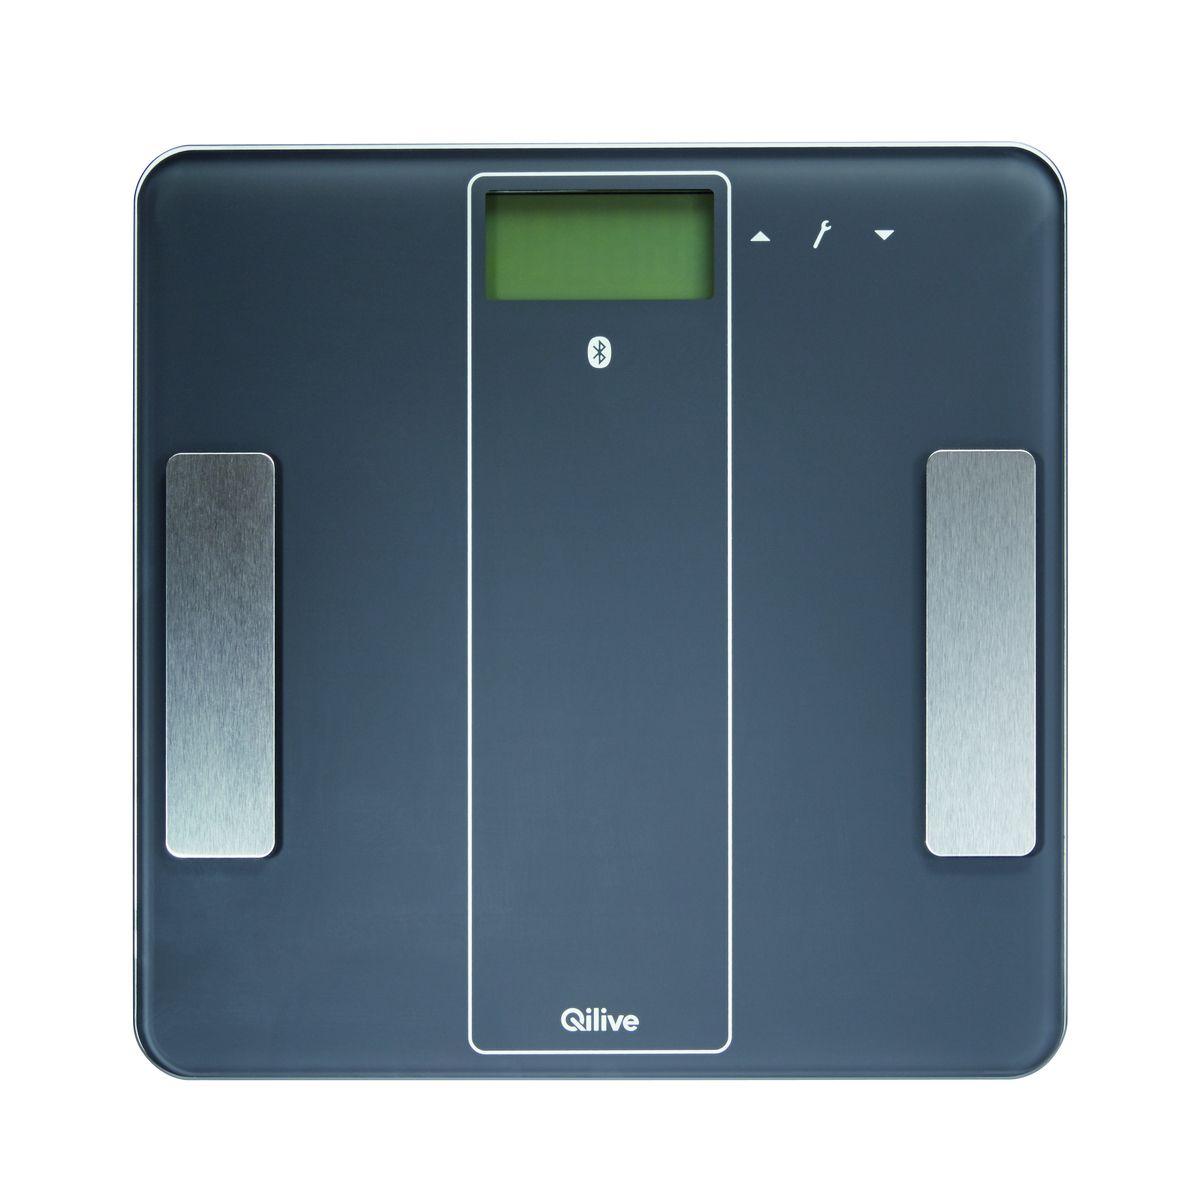 QILIVE Pèse personne bluetooth -  864747